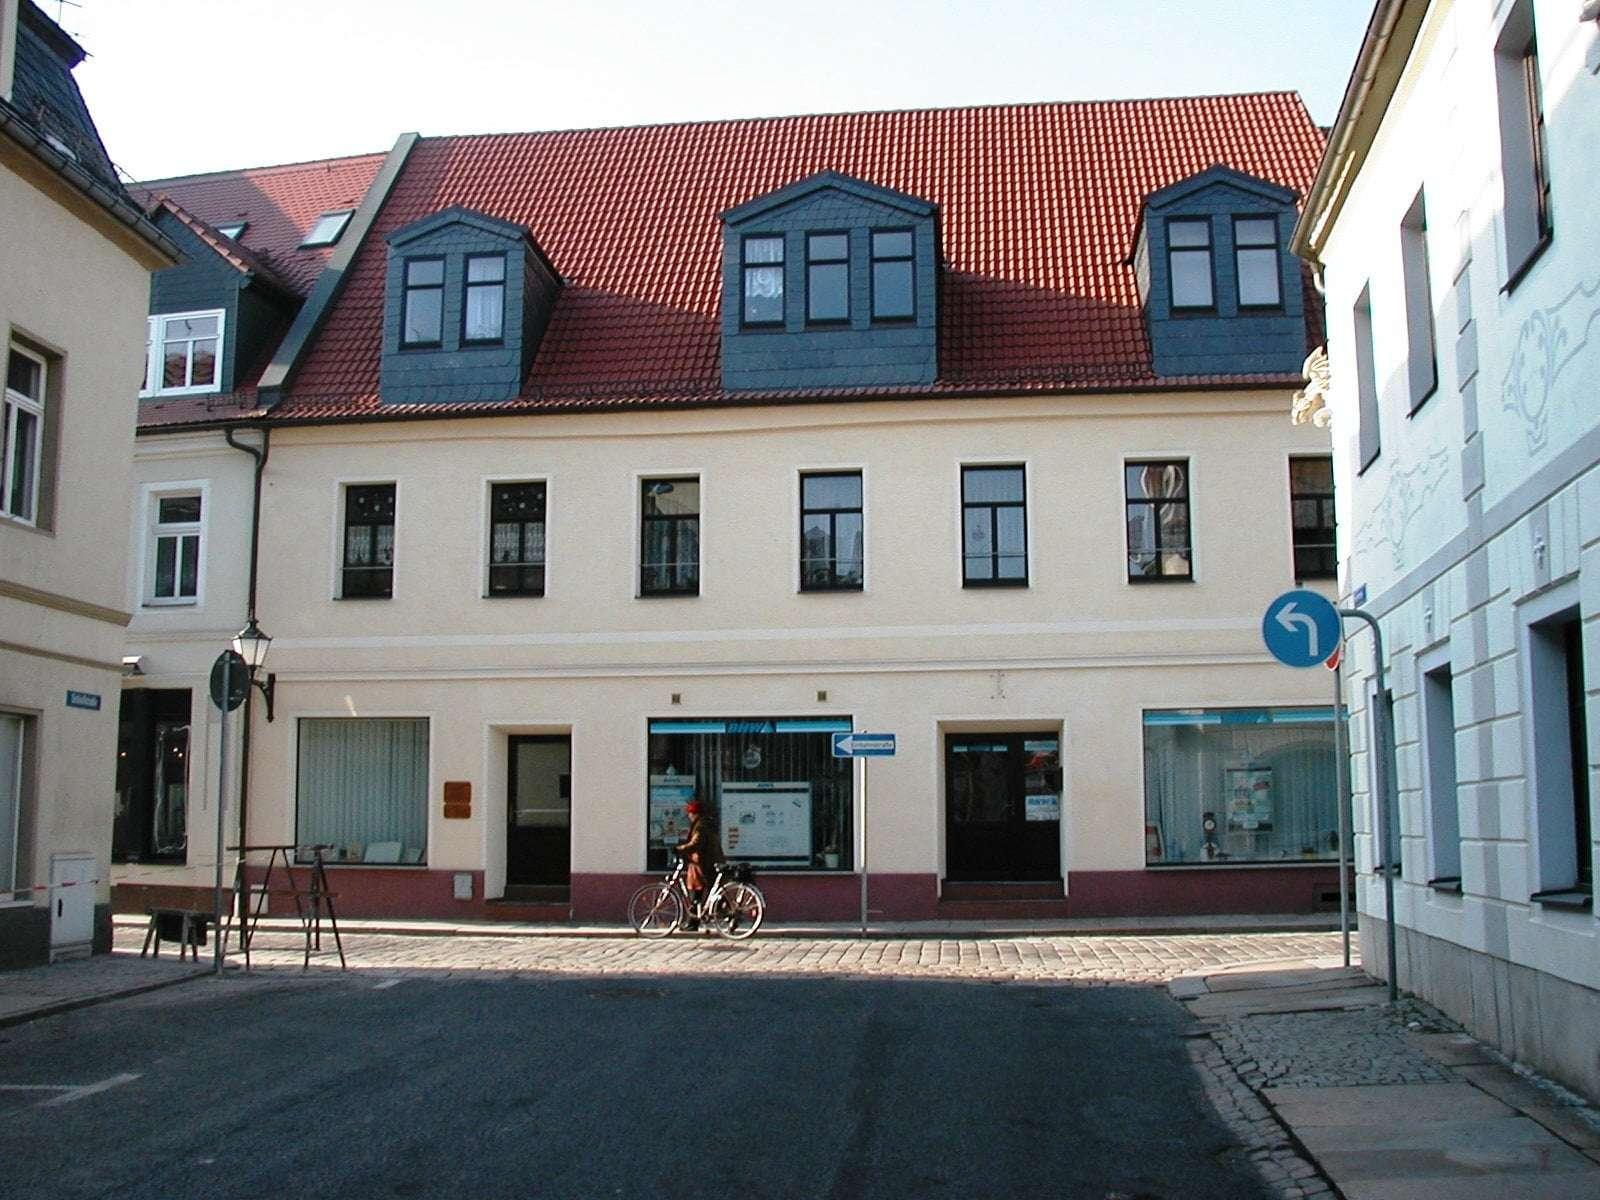 Renditeobjekt in ruhigem Umfeld im Stadtzentrum von Großenhain - Wohnung zum Kauf in Großenhain